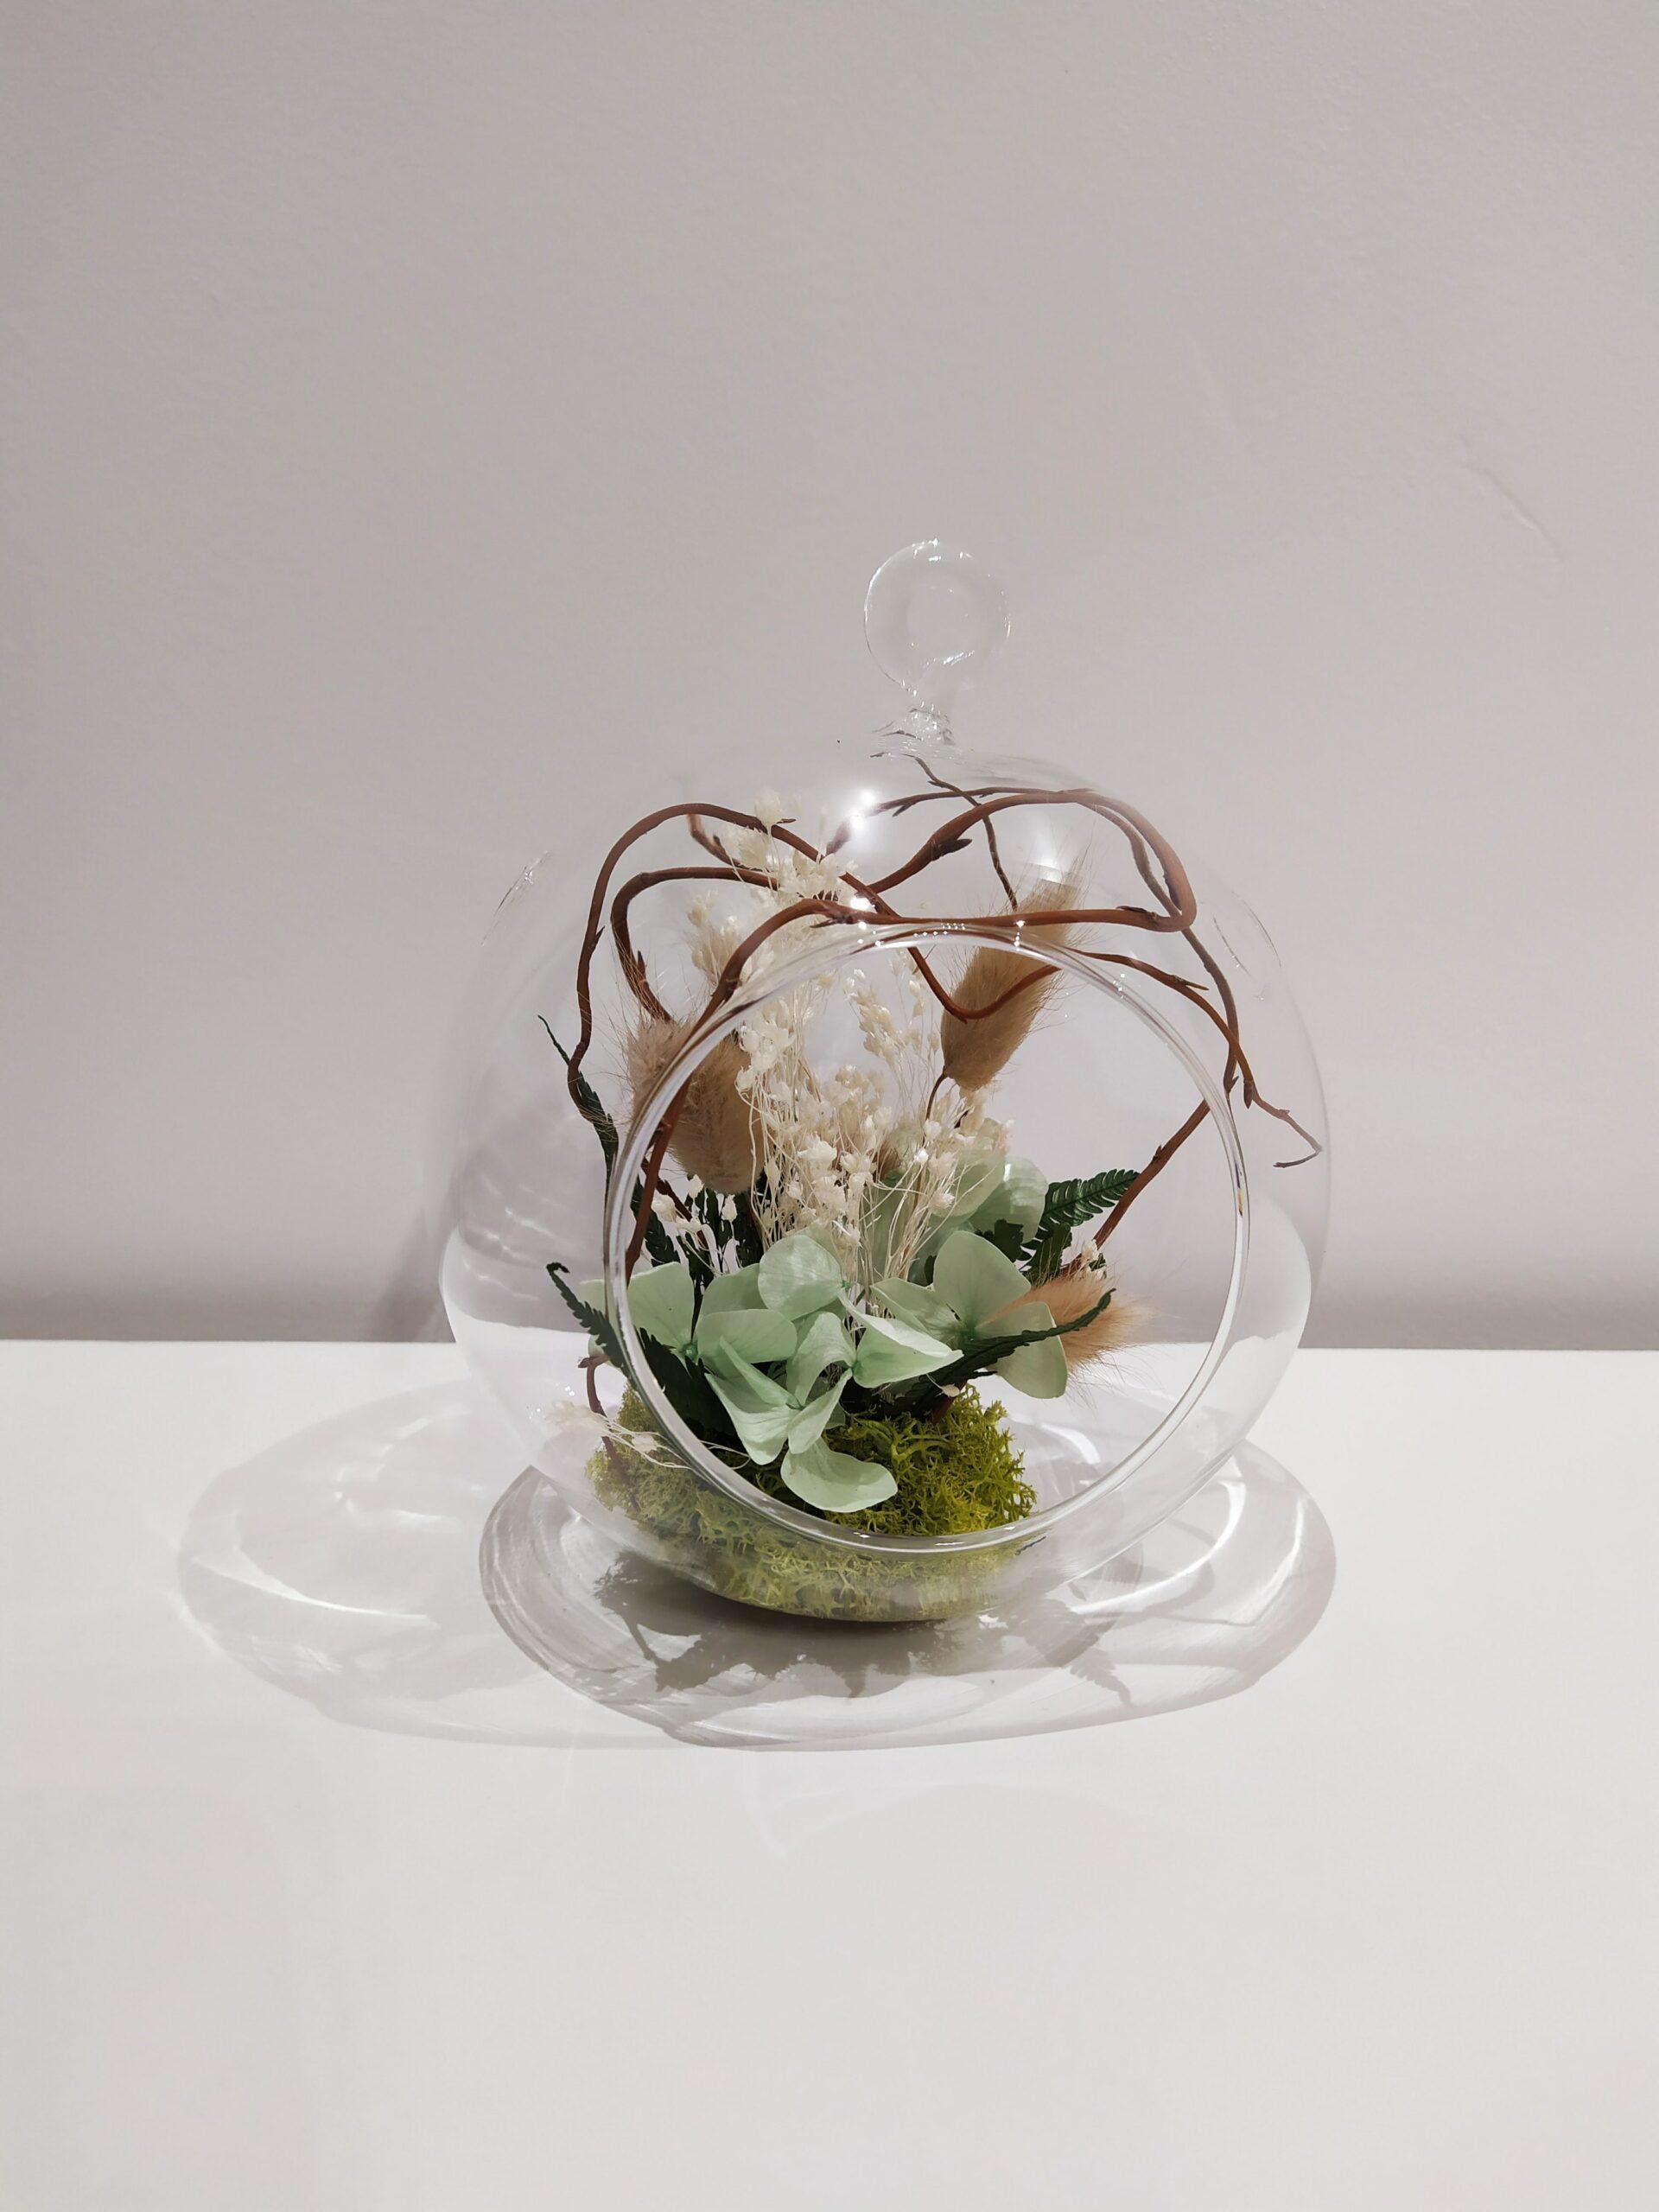 boule fleurie-réf.139-143